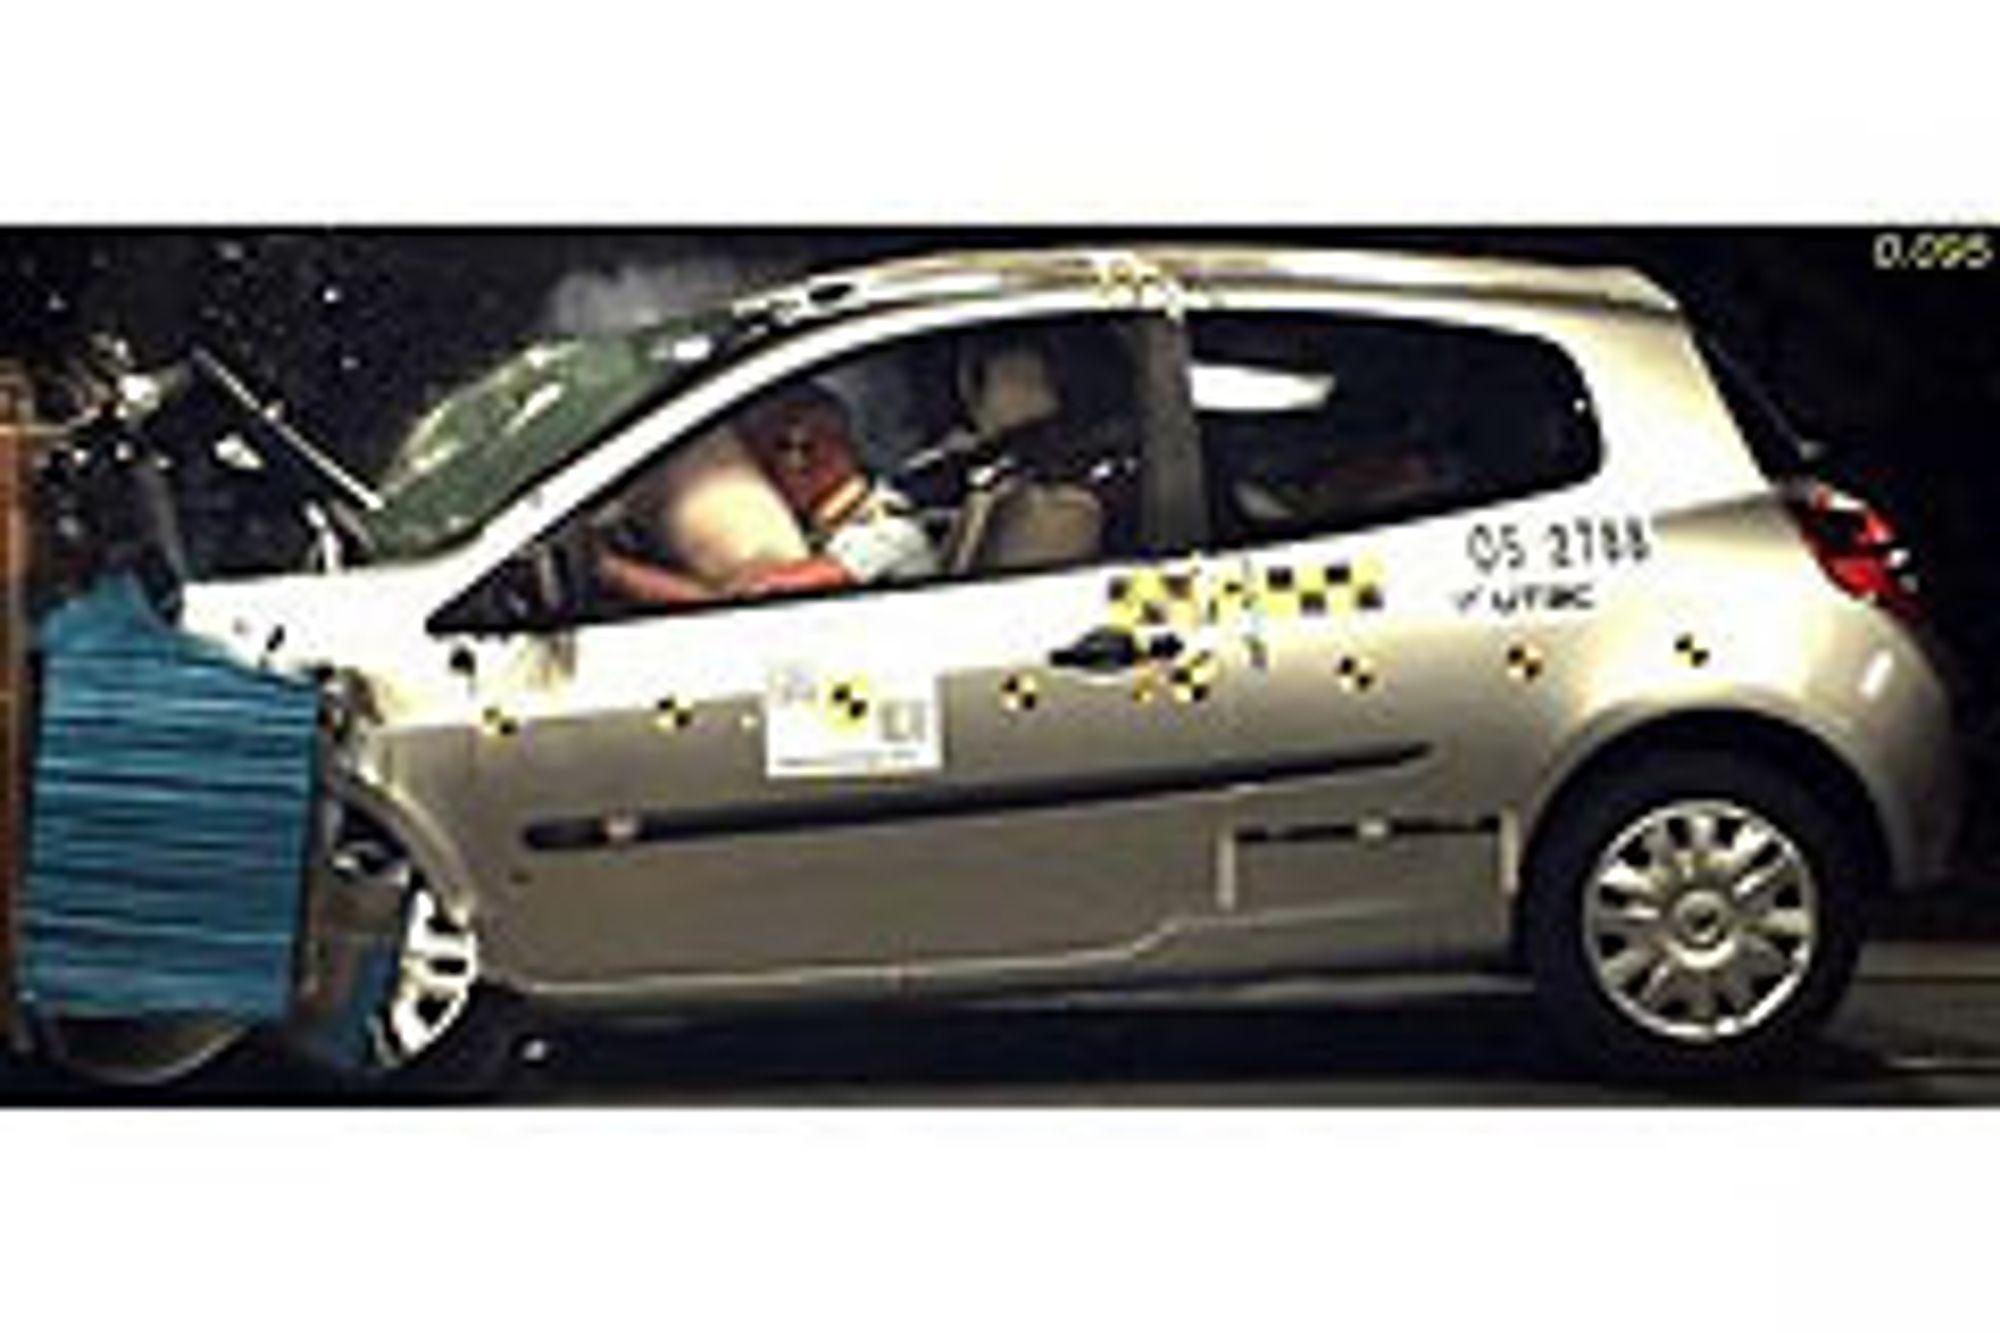 FARLIGERE: Den renaultbaserte Dacia Logan fra Romania er langt farligere å krasje med enn småbiler fra Renault i vest. FOTO: DACIA